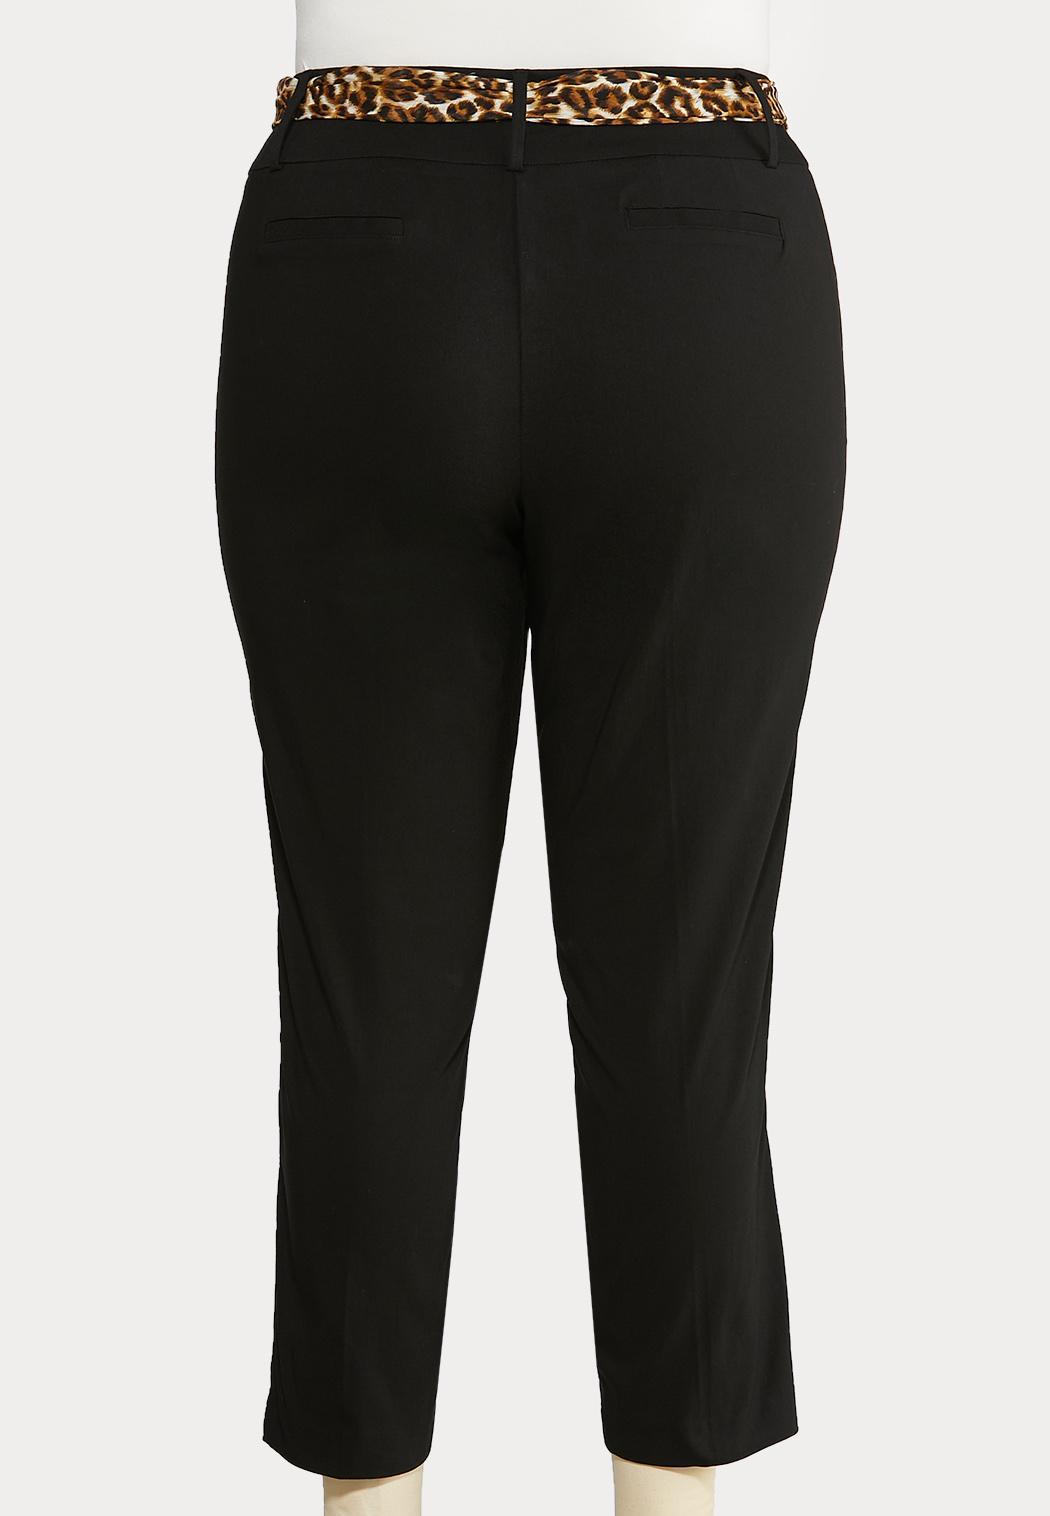 Plus Size Leopard Belt Black Ankle Pants (Item #43940681)